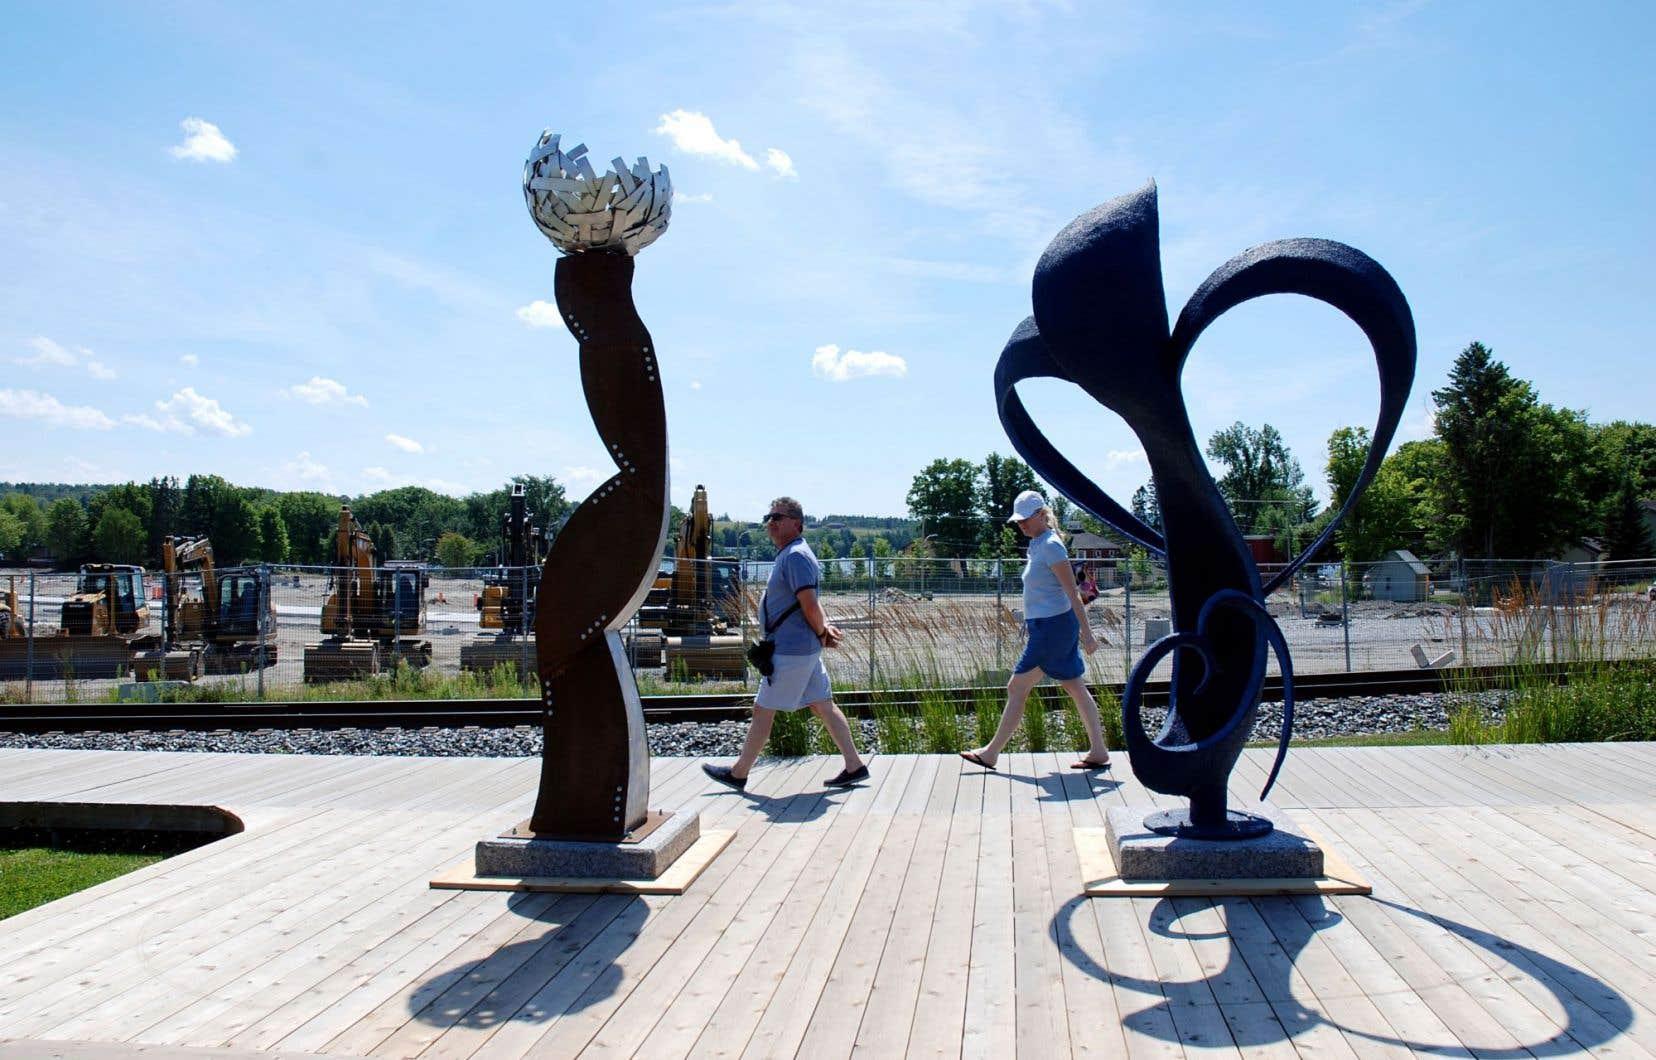 La culture est au cœur du projet de reconstruction du centre-ville de Lac-Mégantic. Ici, 2 des 47 sculptures monumentales réalisées après la tragédie de juillet2013.